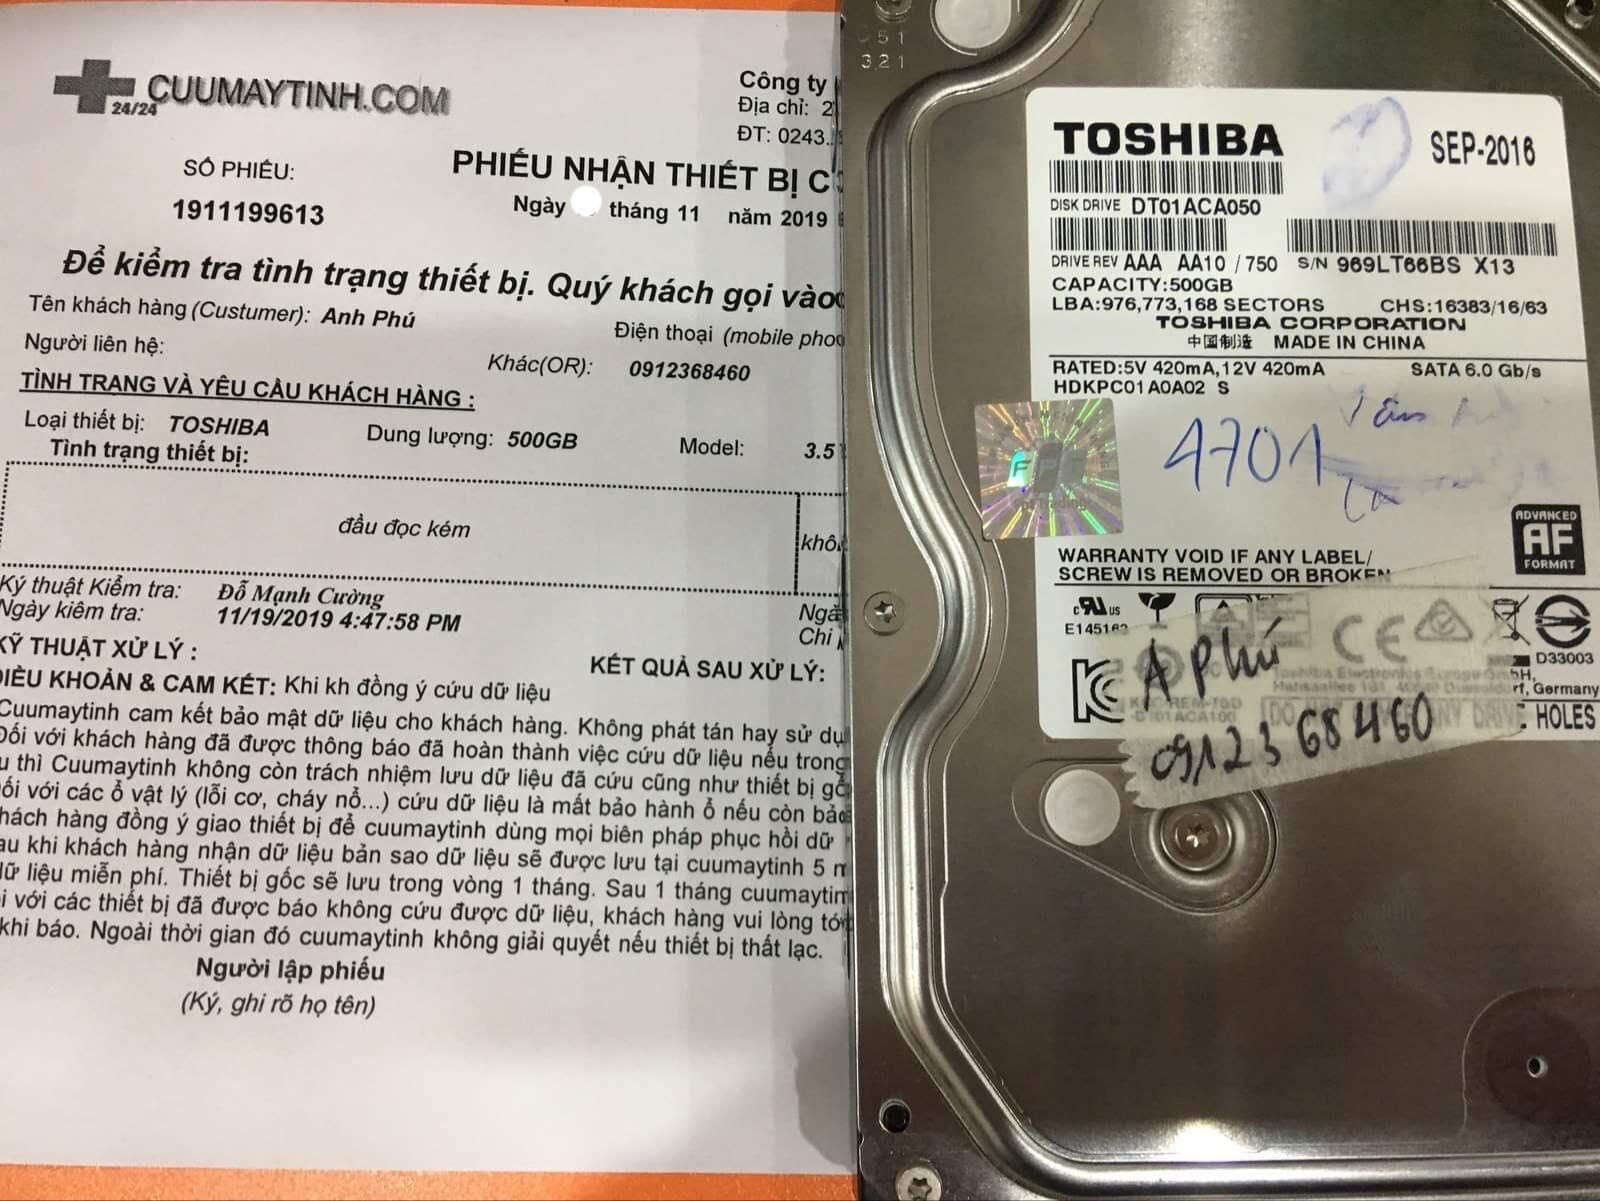 Cứu dữ liệu ổ cứng Toshiba 500GB đầu đọc kém 22/11/2019 - cuumaytinh